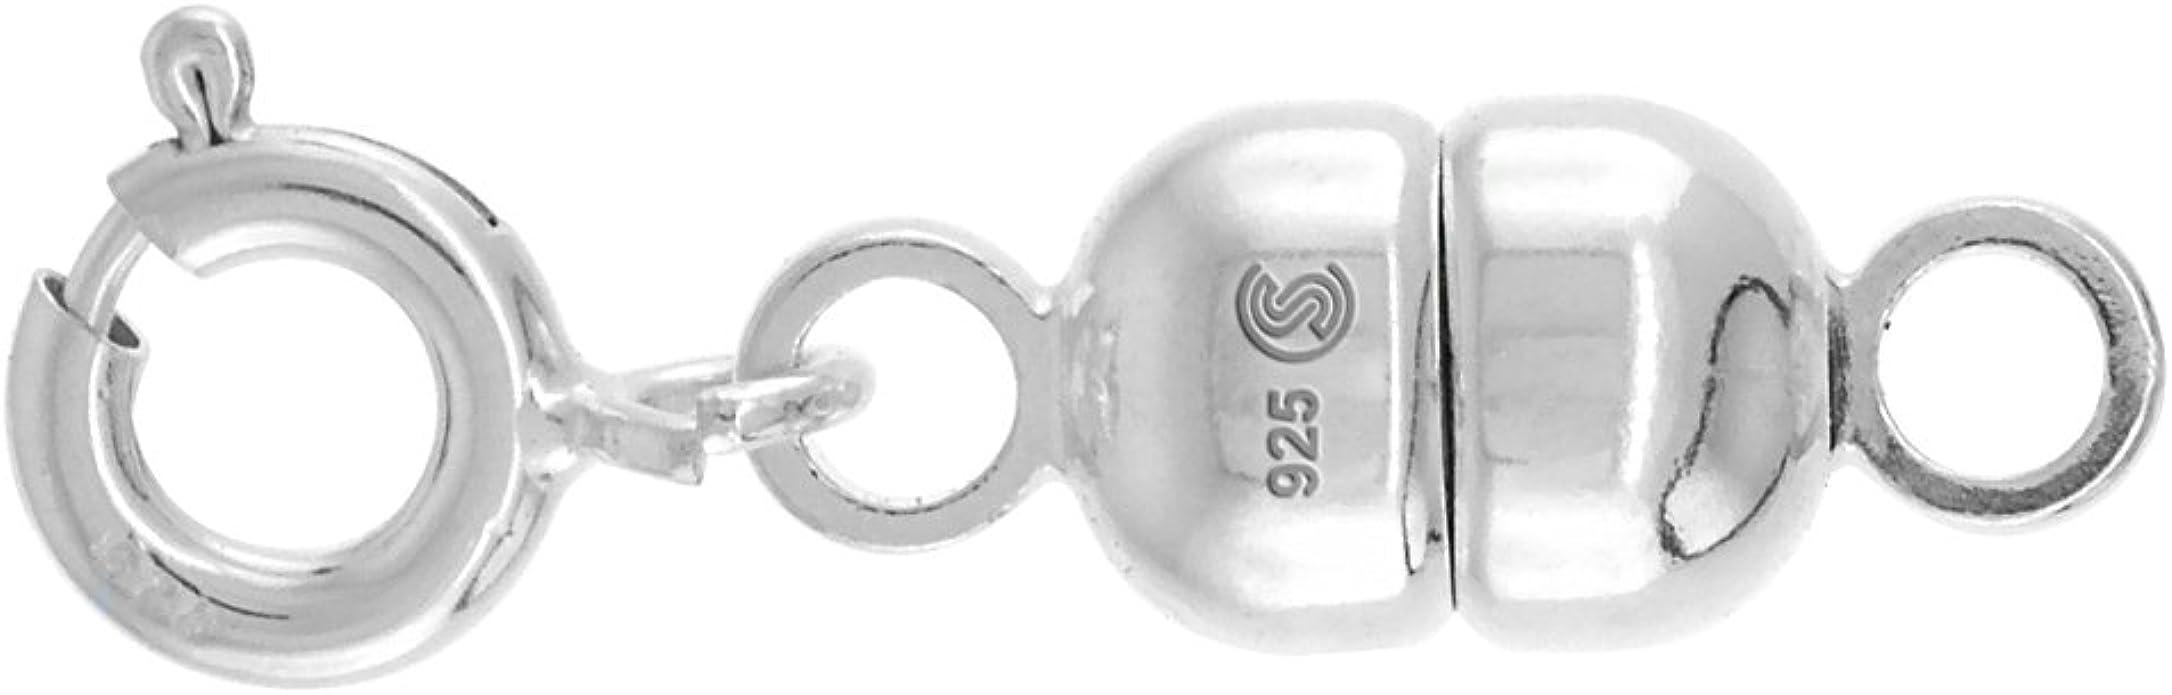 30X62X14 Honda 91208-723-751 Seal